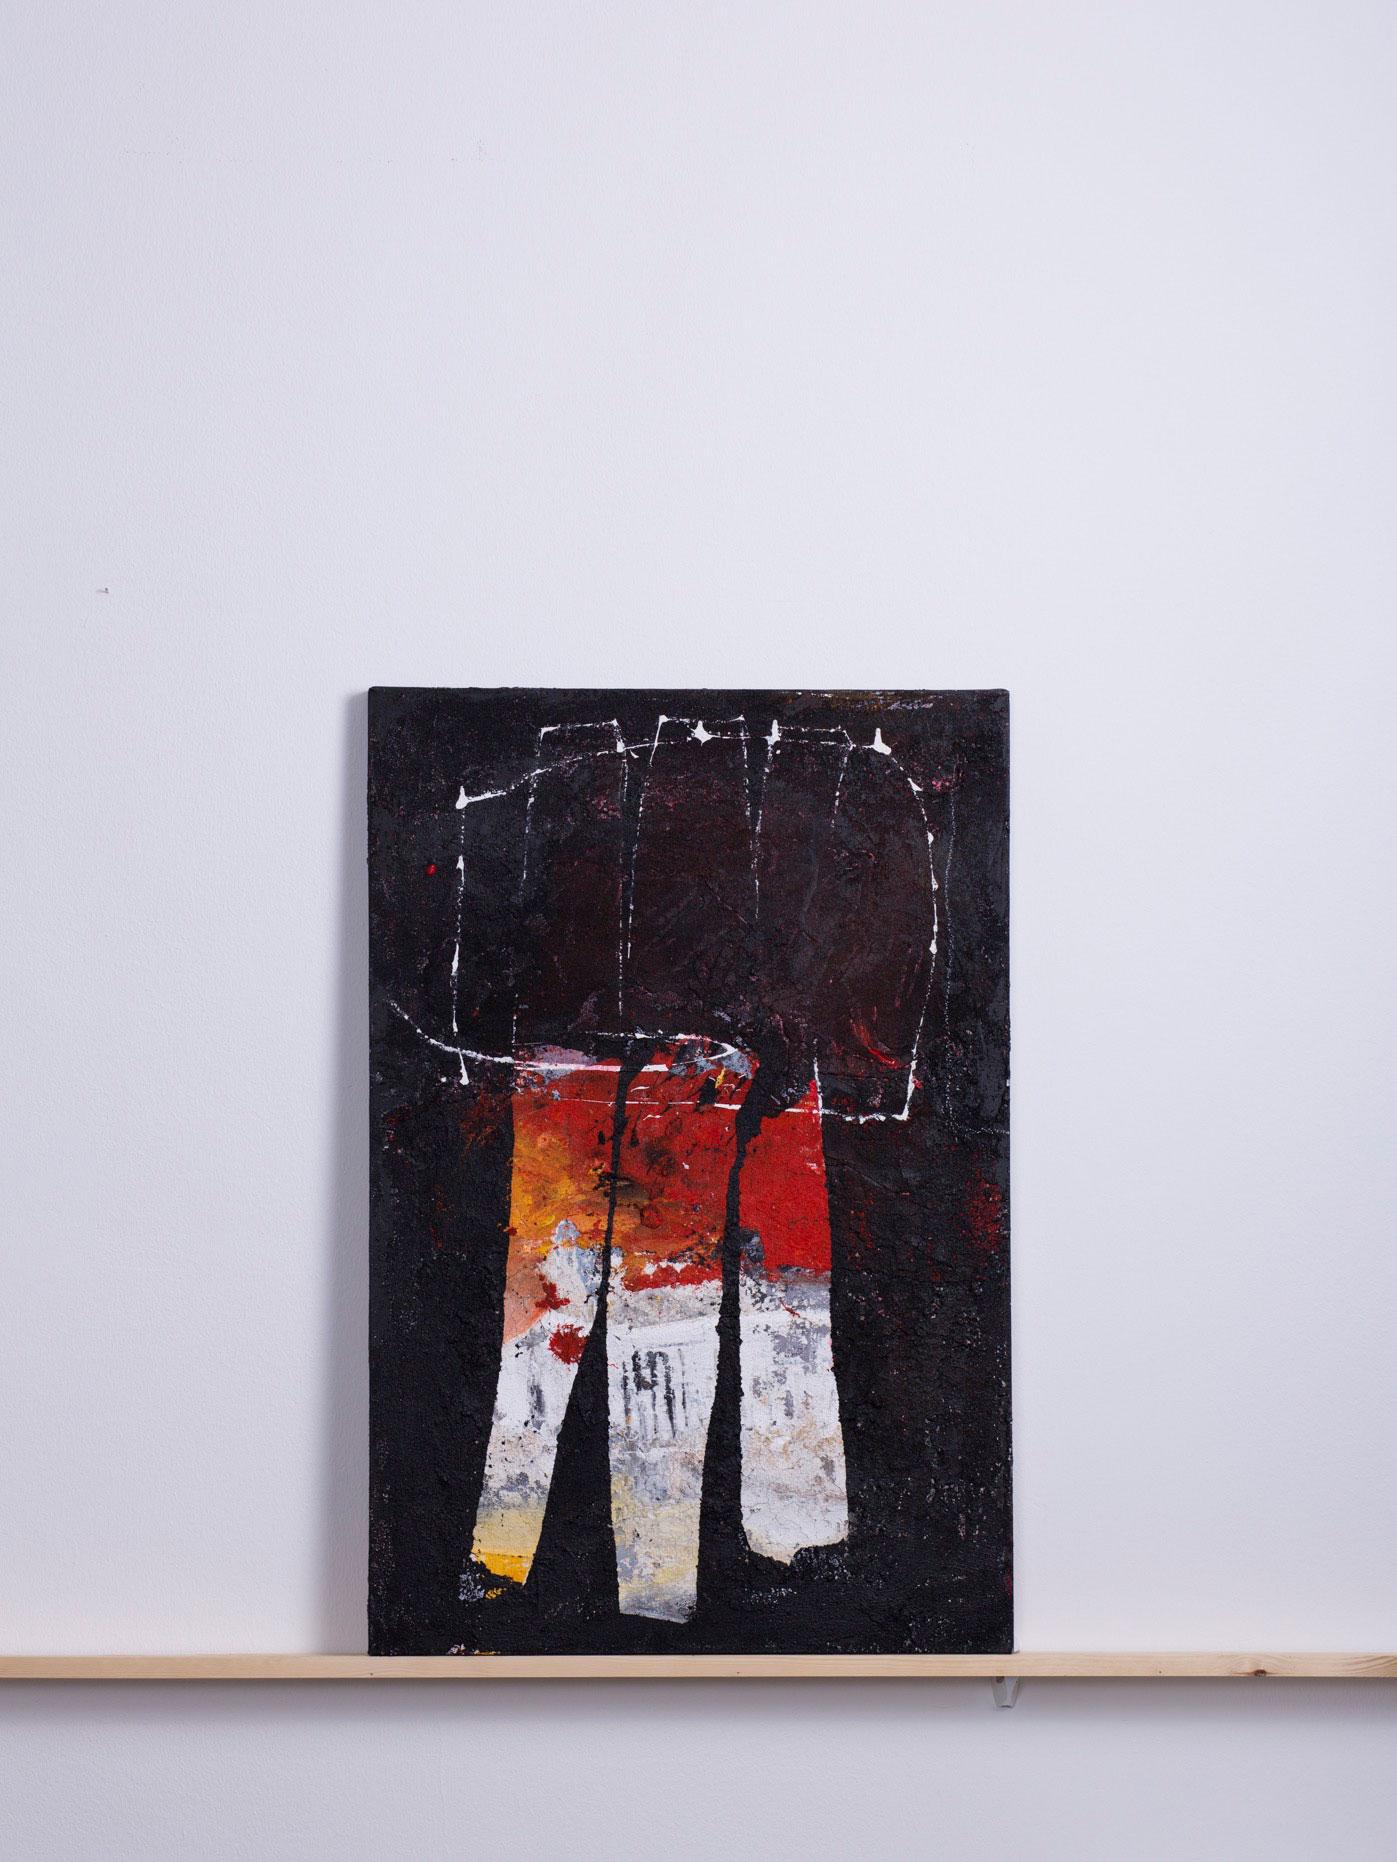 Triflixx, 2011 - 60x90 cm, <br>Acryl und Sand auf Leinwand